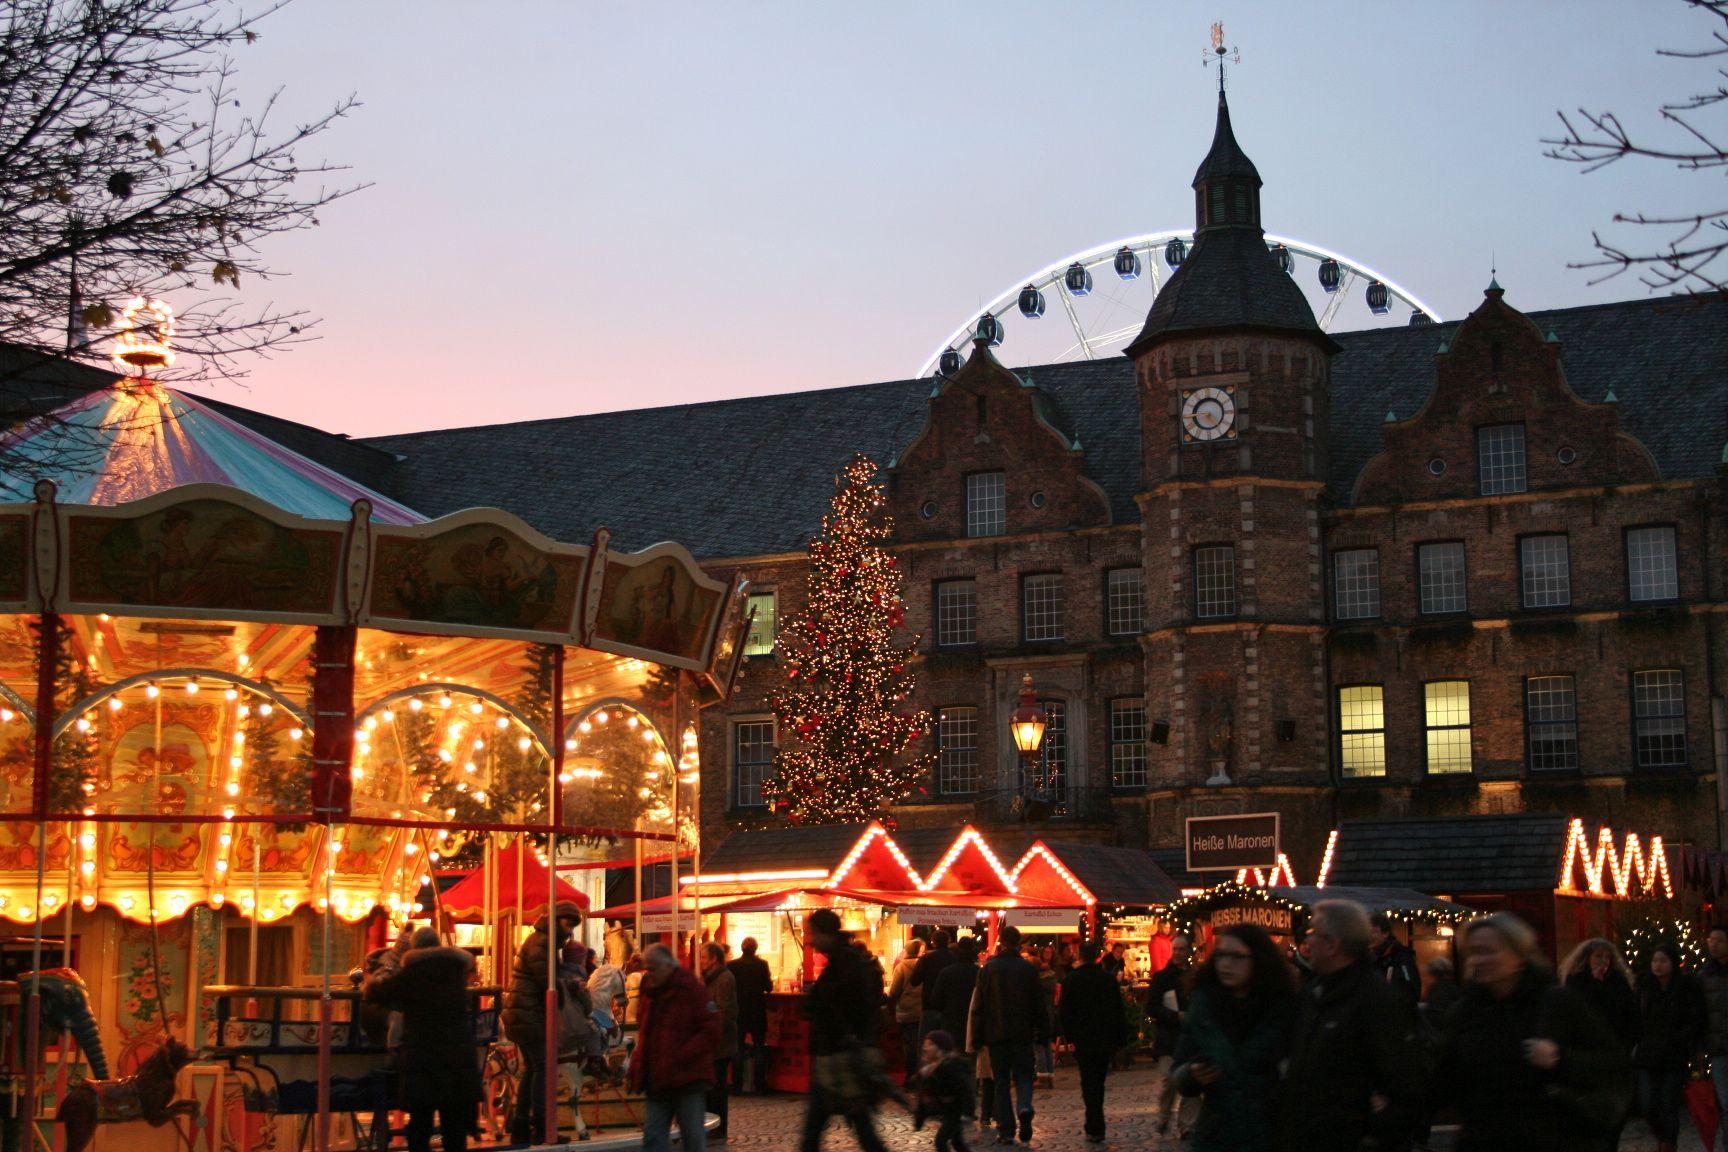 Weihnachtsmarkt (Christmas market) Düsseldorf 2012